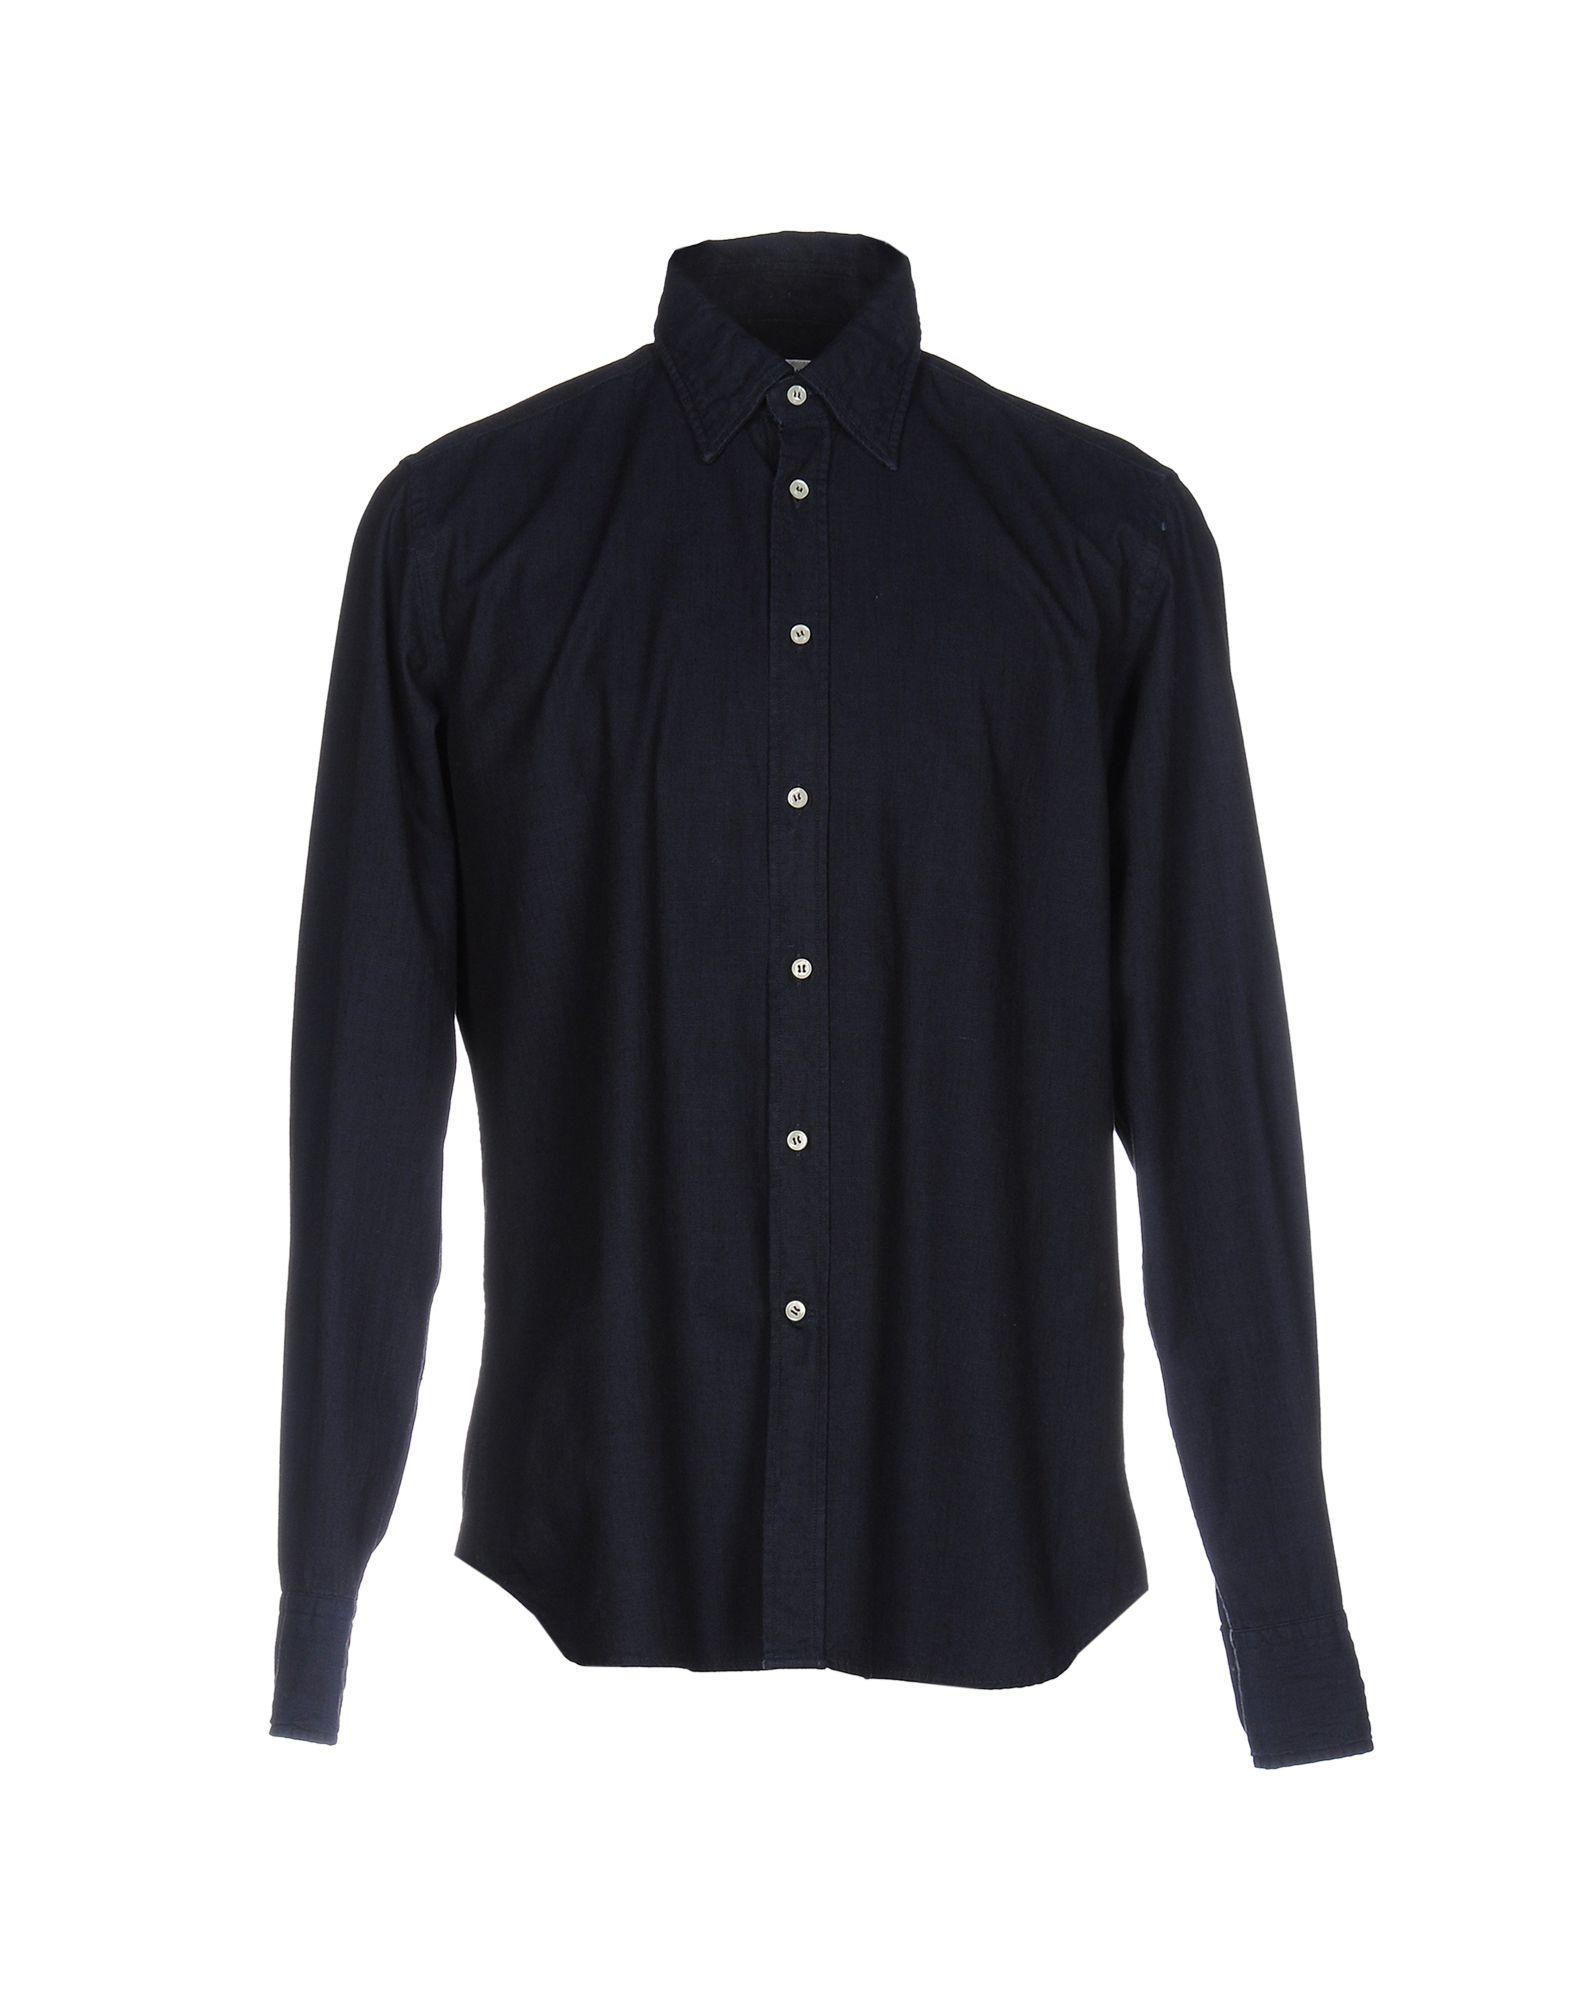 《送料無料》BEVILACQUA メンズ シャツ ダークブルー M コットン 100%